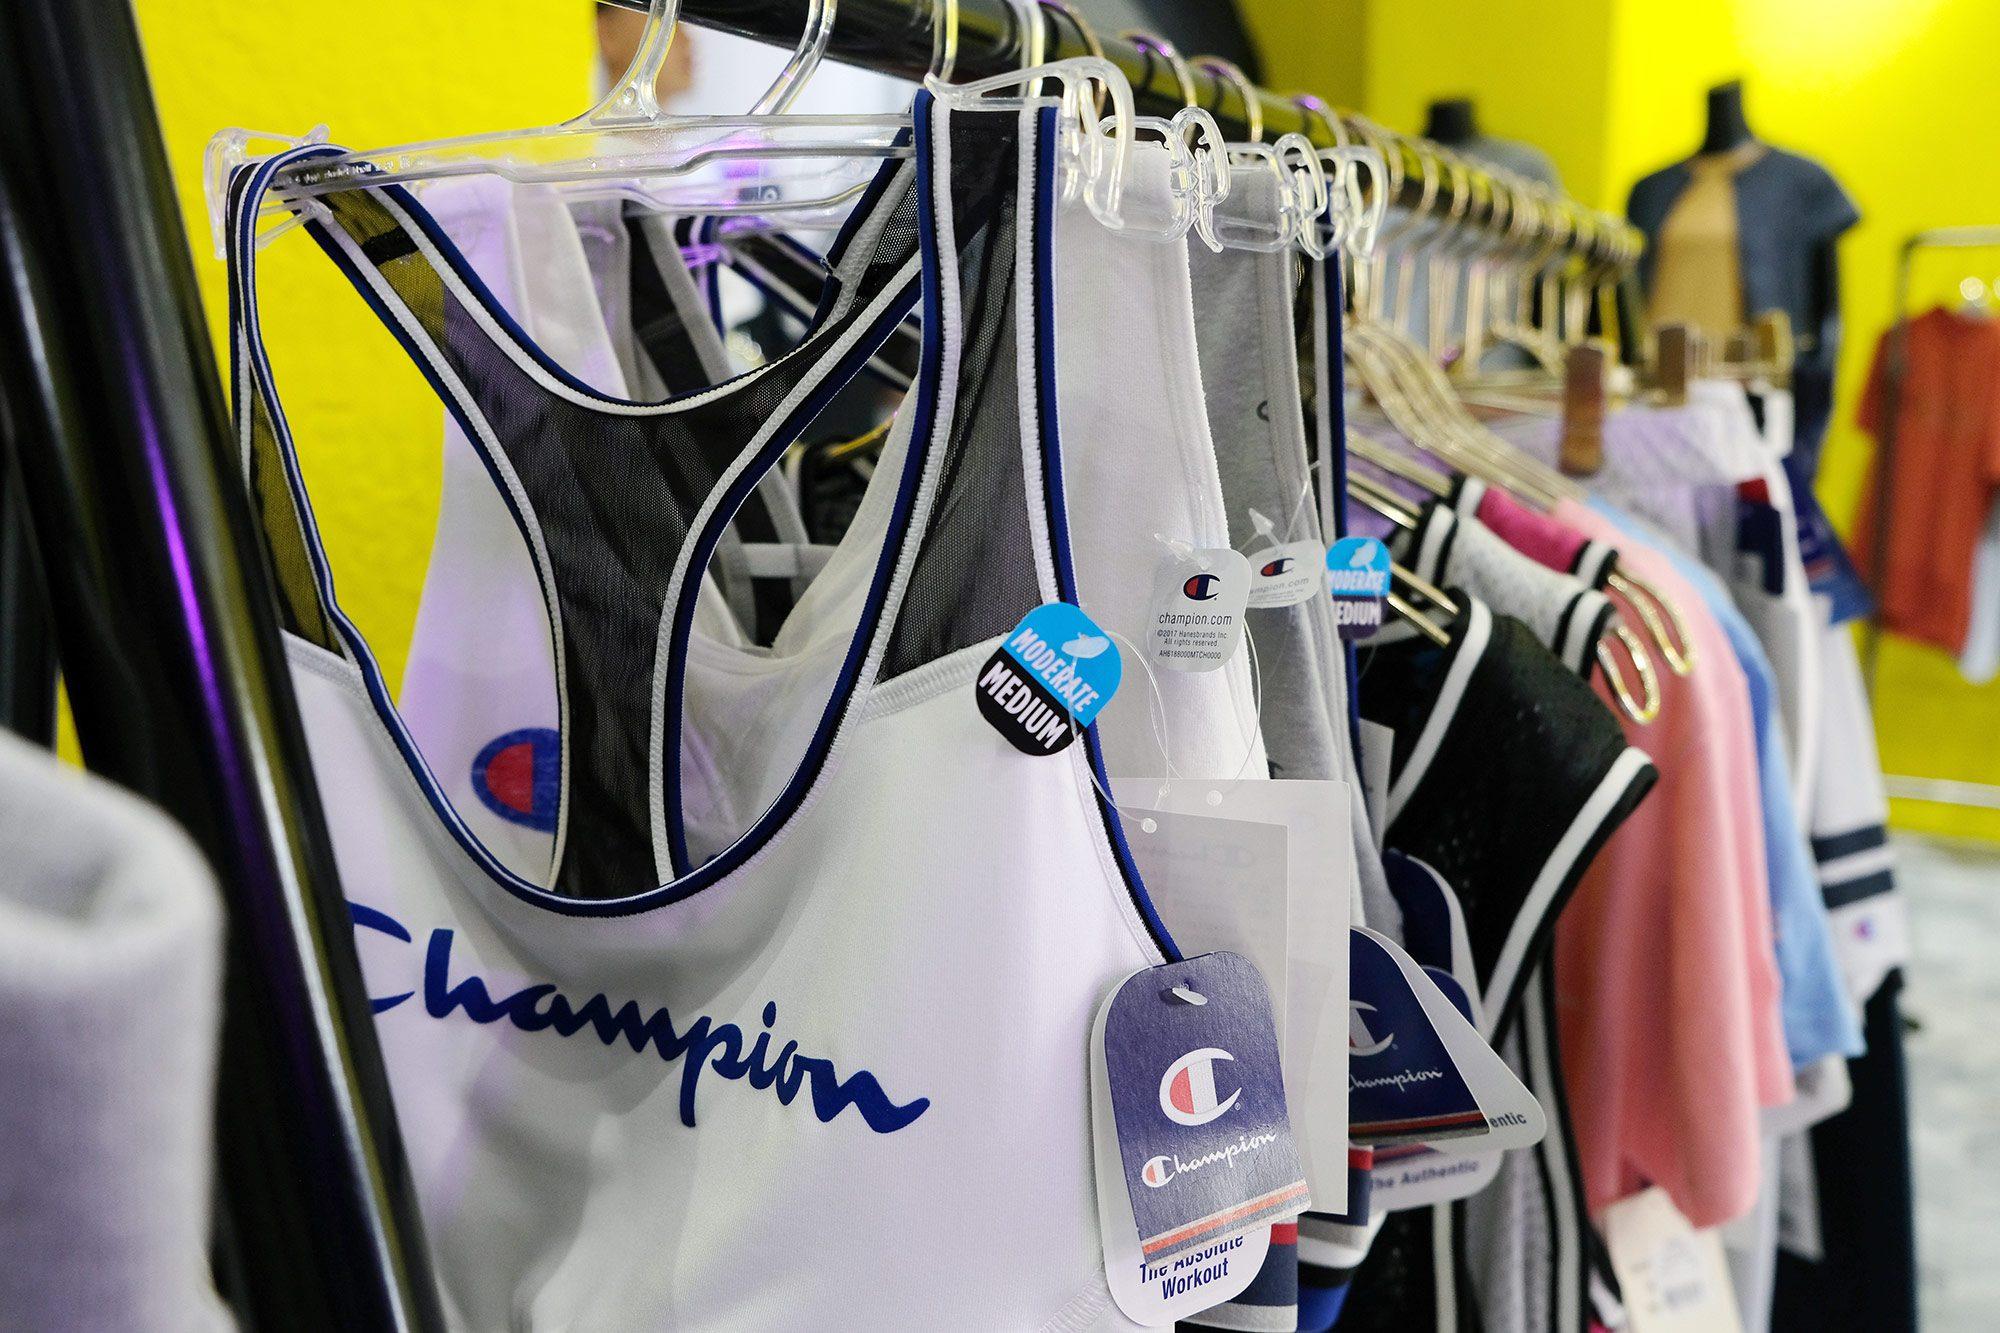 champion-05